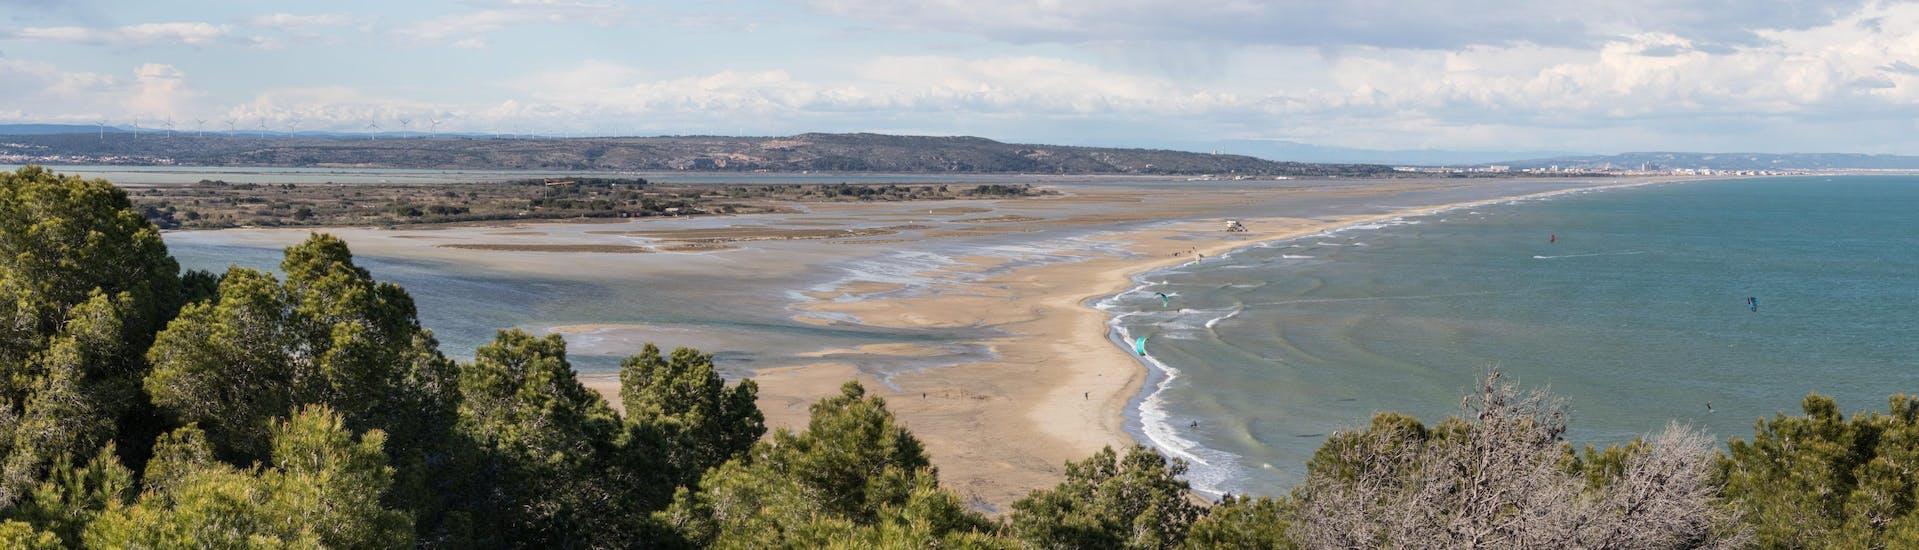 Des amateurs de kitesurf s'entraînent sur l'une des plages de Leucate, l'une des destinations prisées dans le sud de la France.